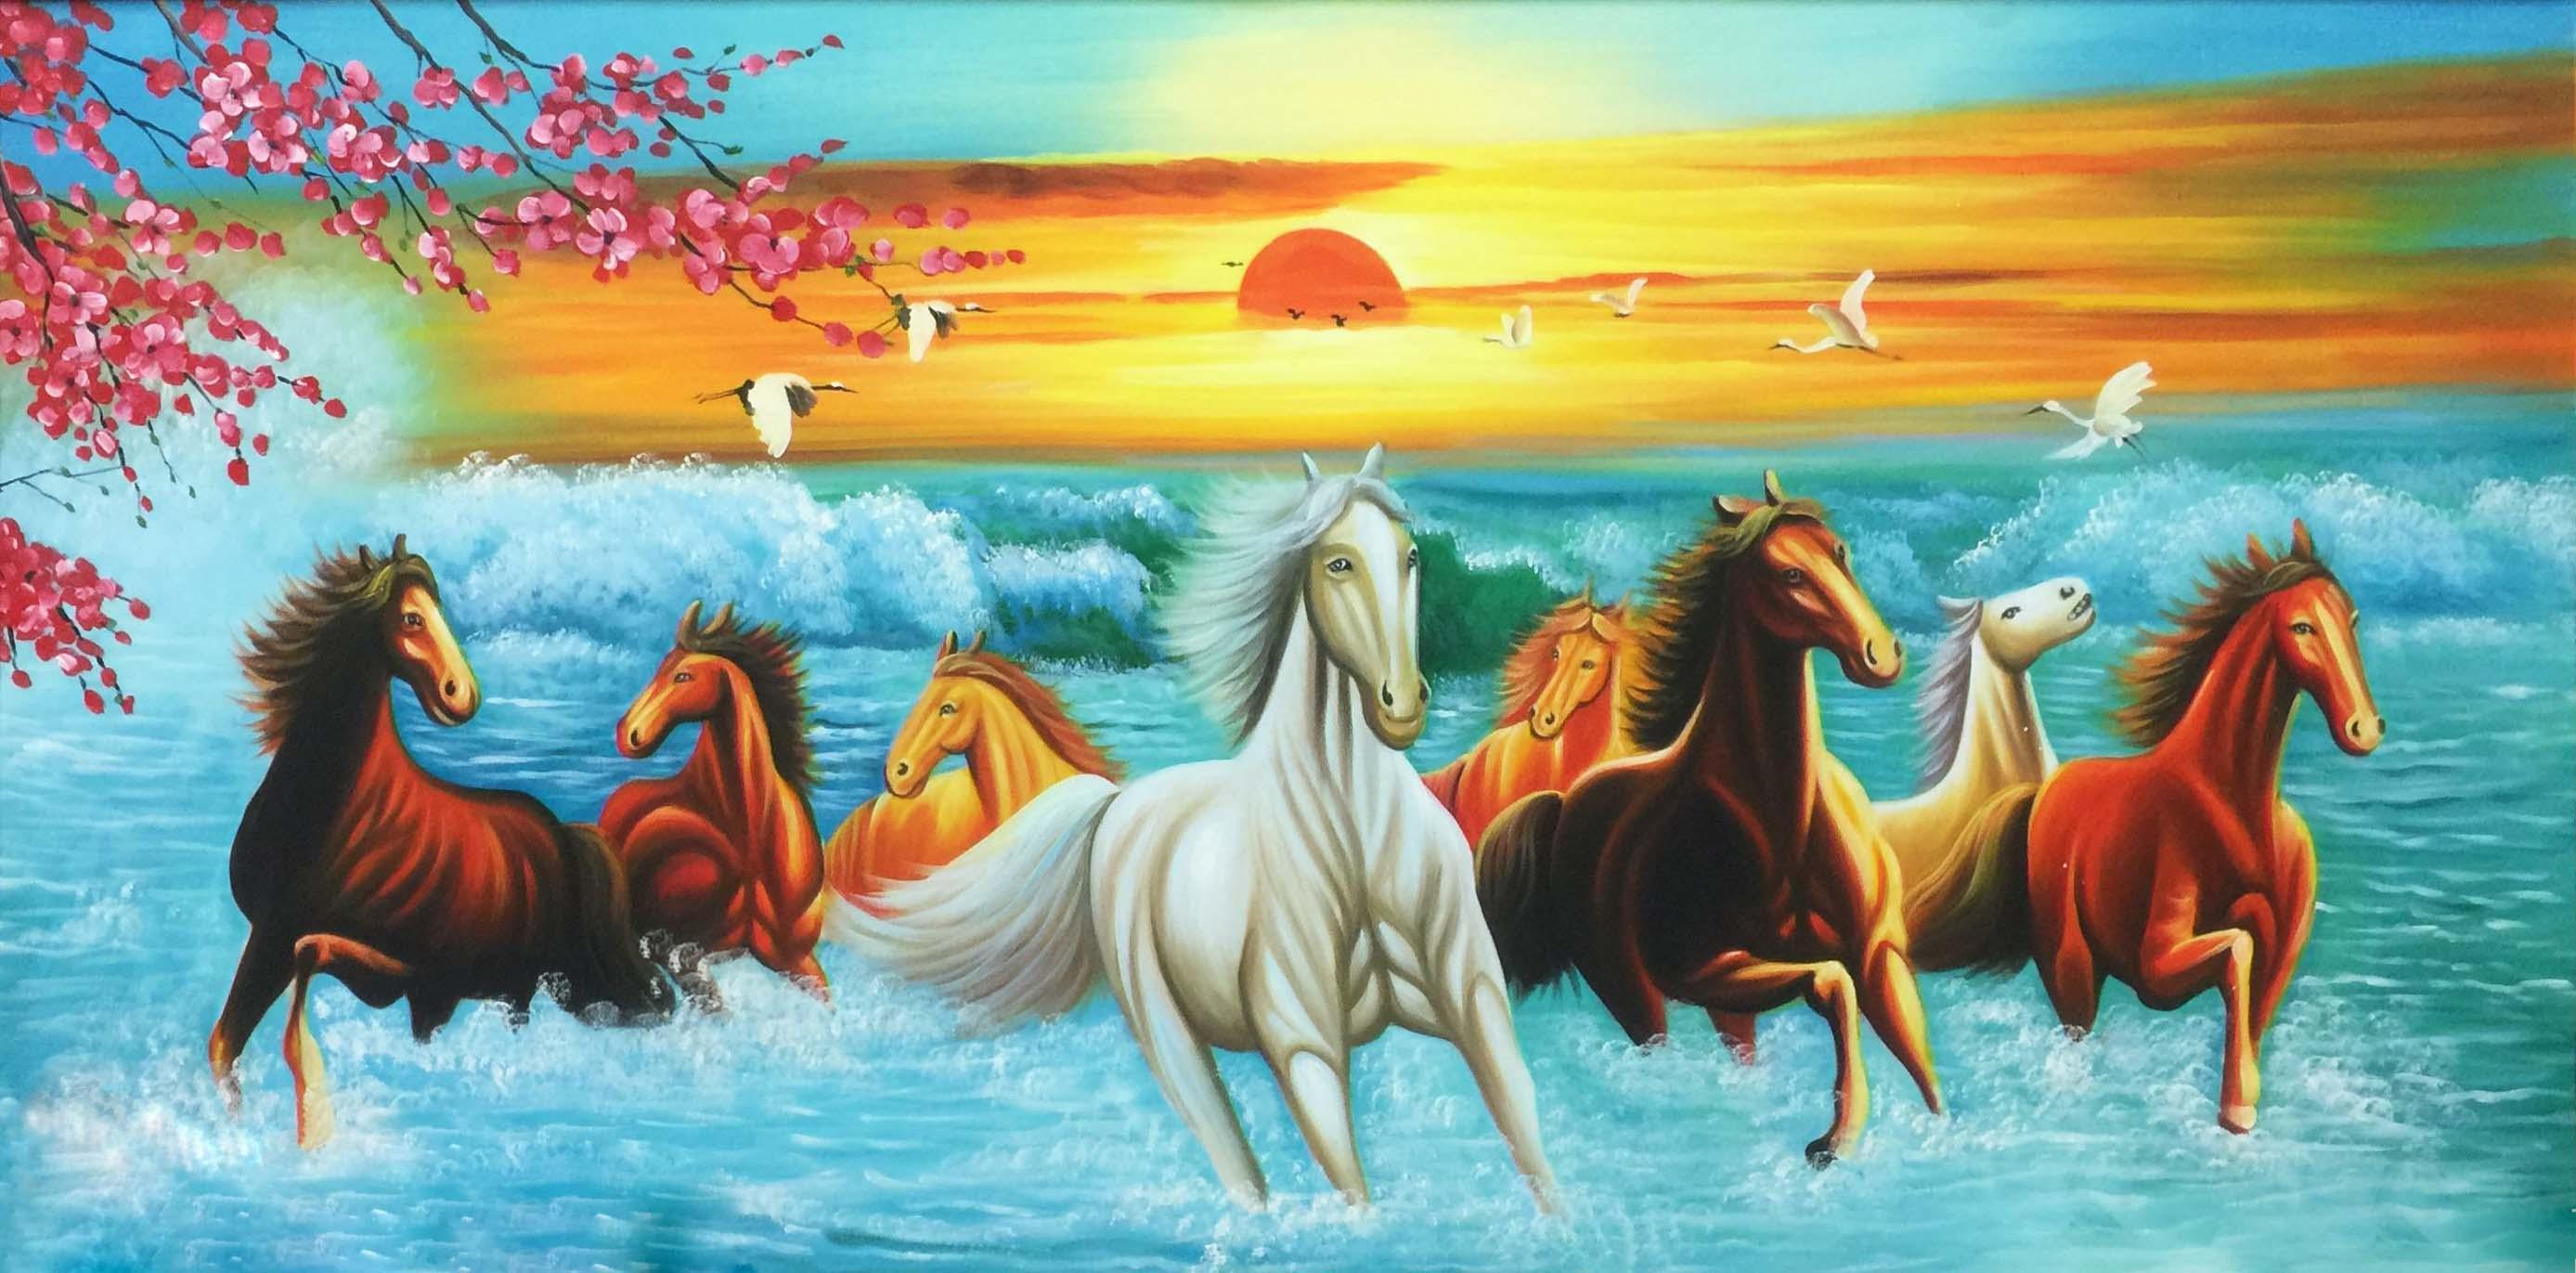 tranh sơn dầu phong thủy mã đáo thành công